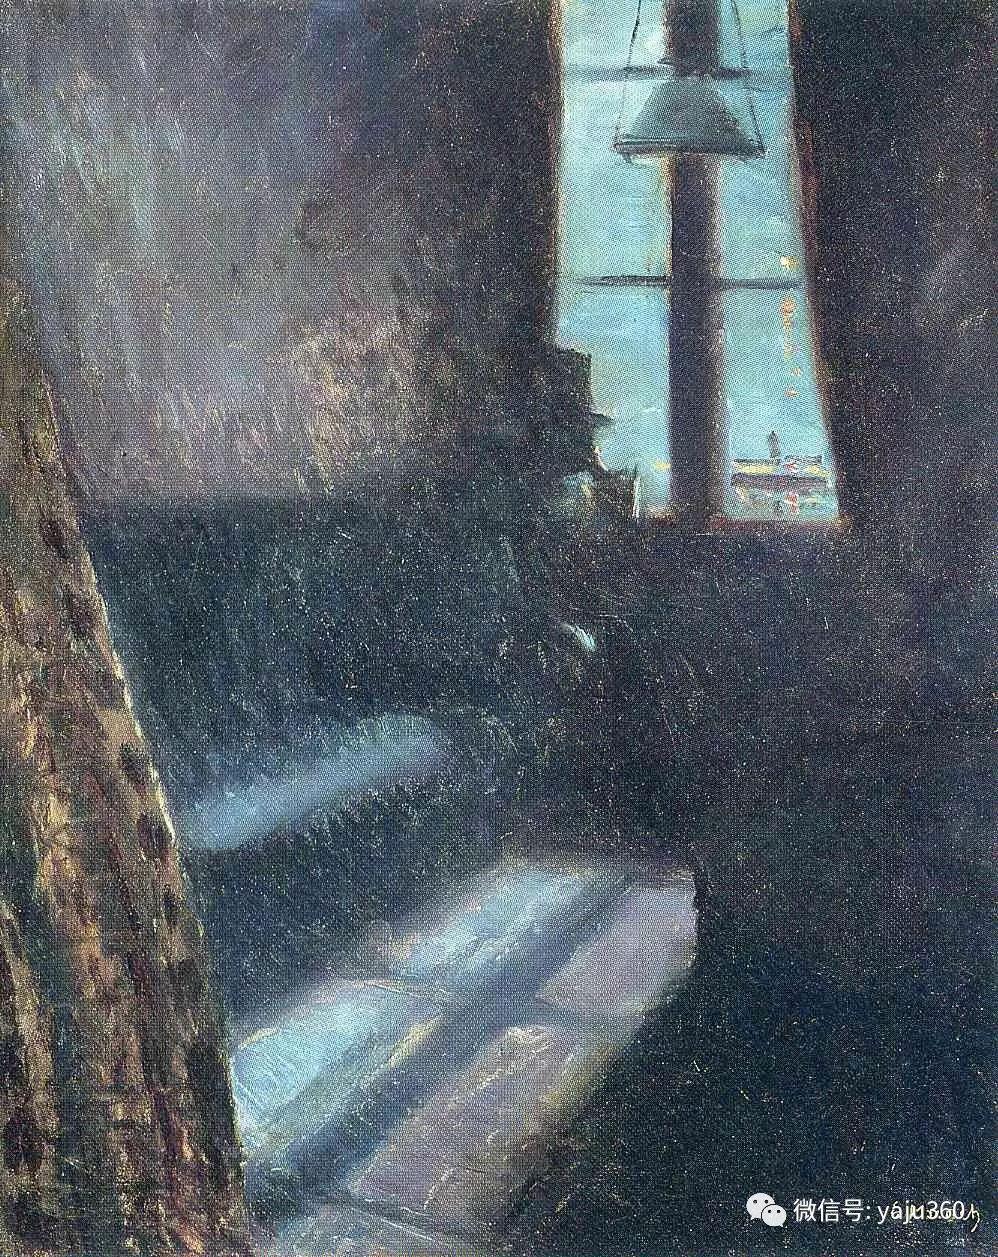 表现主义 挪威画家爱德华·蒙克插图21